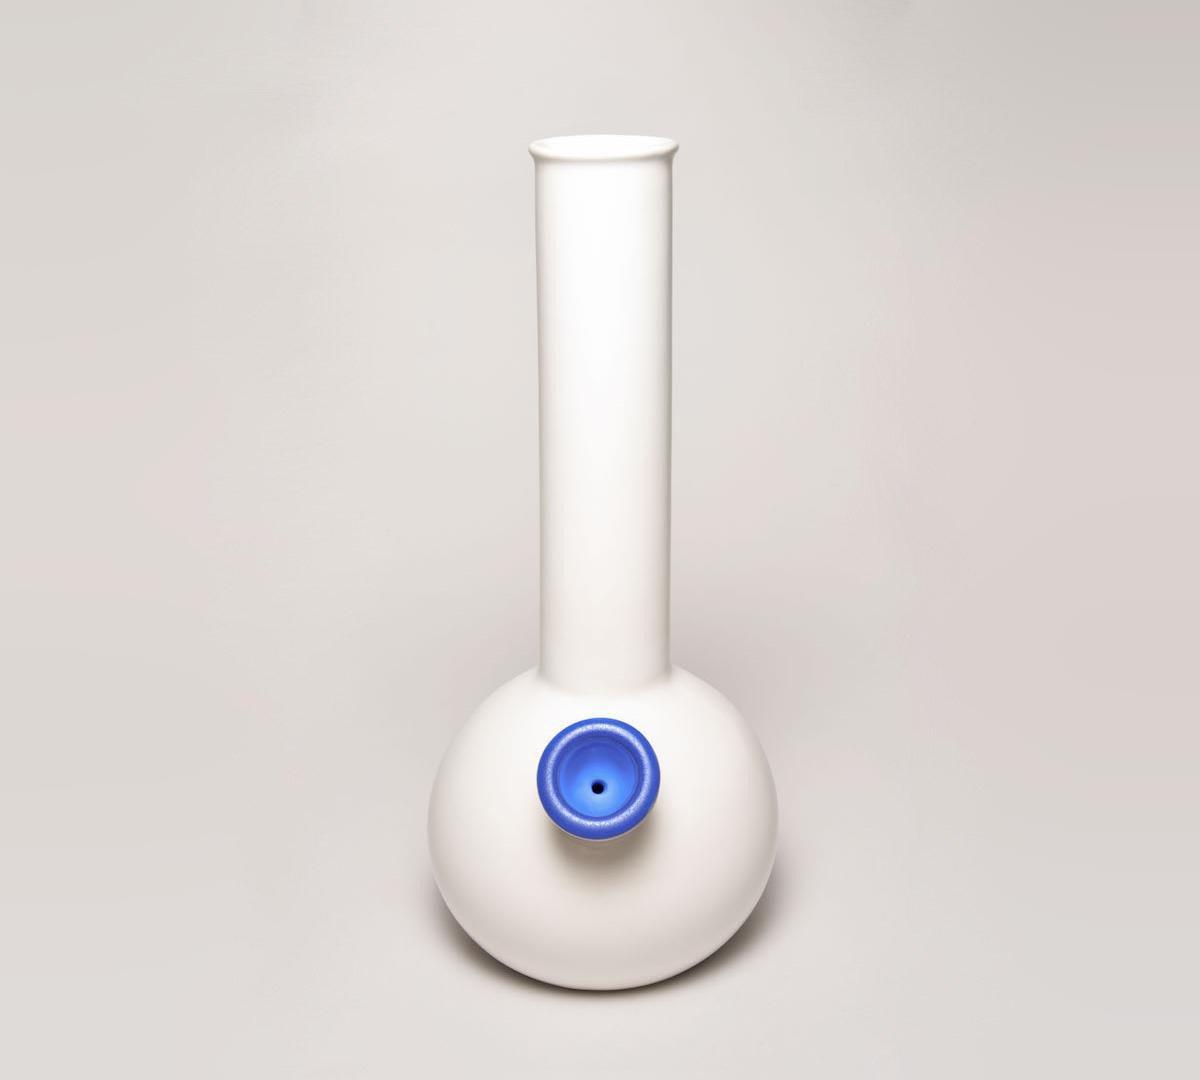 Дизайнерский бонг для марихуаны